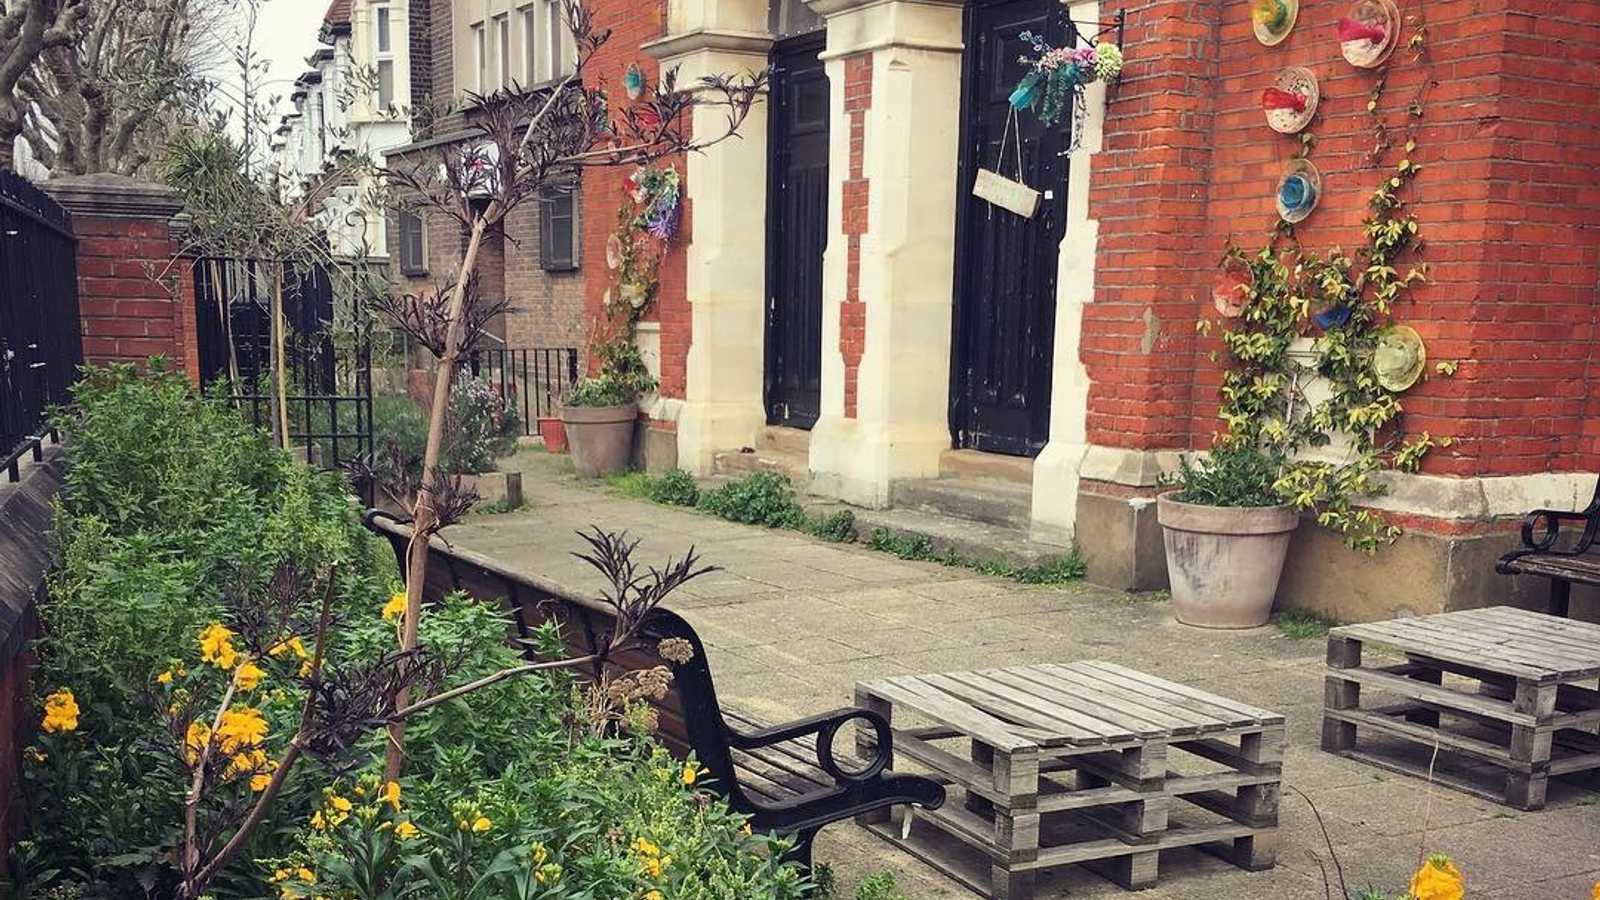 The Boleyn Room Rehearsal space in Upton Park, East London